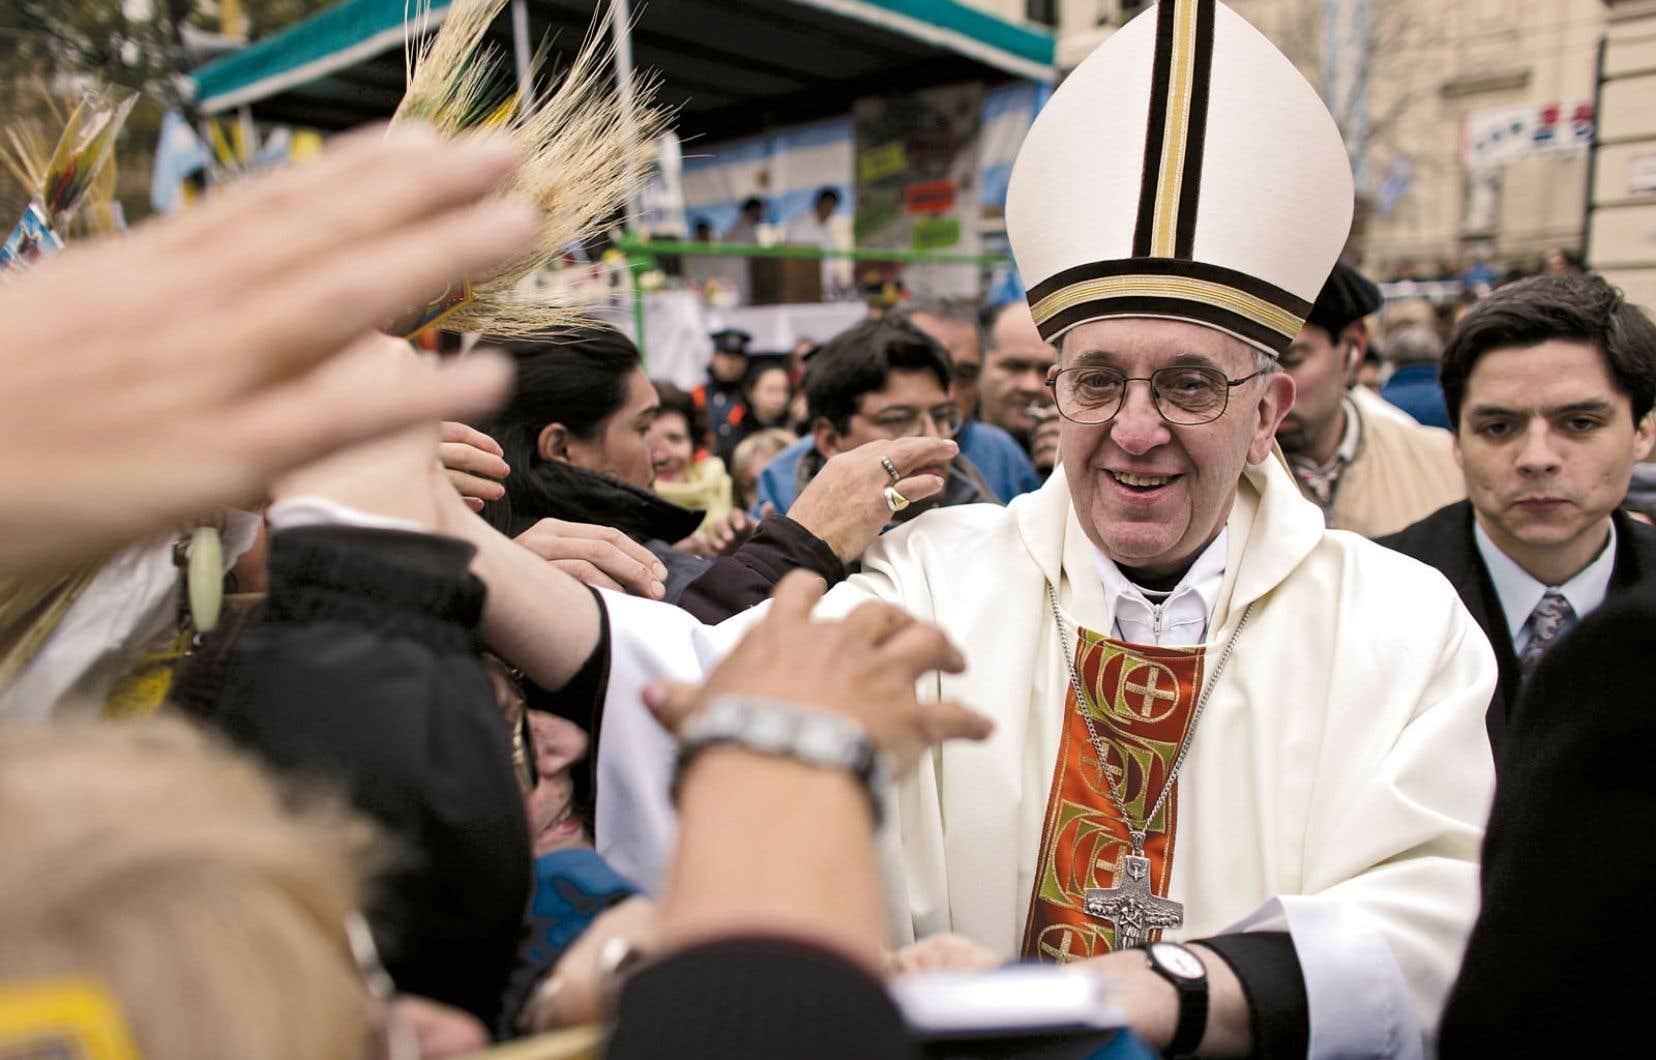 Monseigneur Jorge Mario Bergoglio célèbre une messe à la cathédrale de Buenos Aires le 14 février dernier. L'archevêque de Buenos Aires bénéficie d'un grand prestige parmi les catholiques argentins, qui apprécient sa grande disponibilité et son mode de vie dénué de toute ostentation.